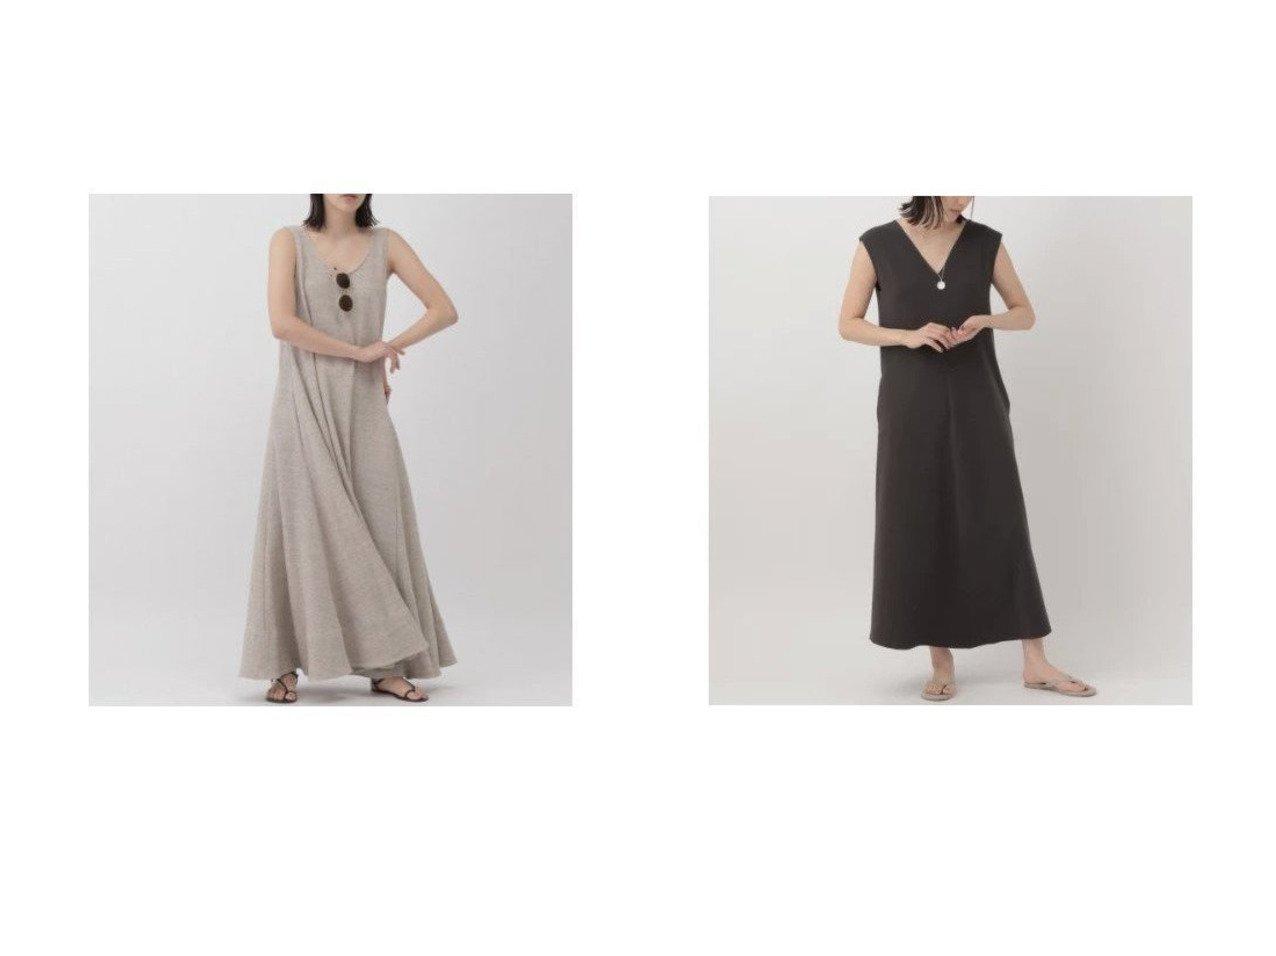 【Chaos/カオス】のハニカムイージードレス&シルクコンニットワンピース 【ワンピース・ドレス】おすすめ!人気、トレンド・レディースファッションの通販 おすすめで人気の流行・トレンド、ファッションの通販商品 メンズファッション・キッズファッション・インテリア・家具・レディースファッション・服の通販 founy(ファニー) https://founy.com/ ファッション Fashion レディースファッション WOMEN ワンピース Dress ニットワンピース Knit Dresses ドレス Party Dresses カットソー シルク ジャケット ストレッチ ノースリーブ ダブル ドレス フェイス フォーマル メランジ  ID:crp329100000029335